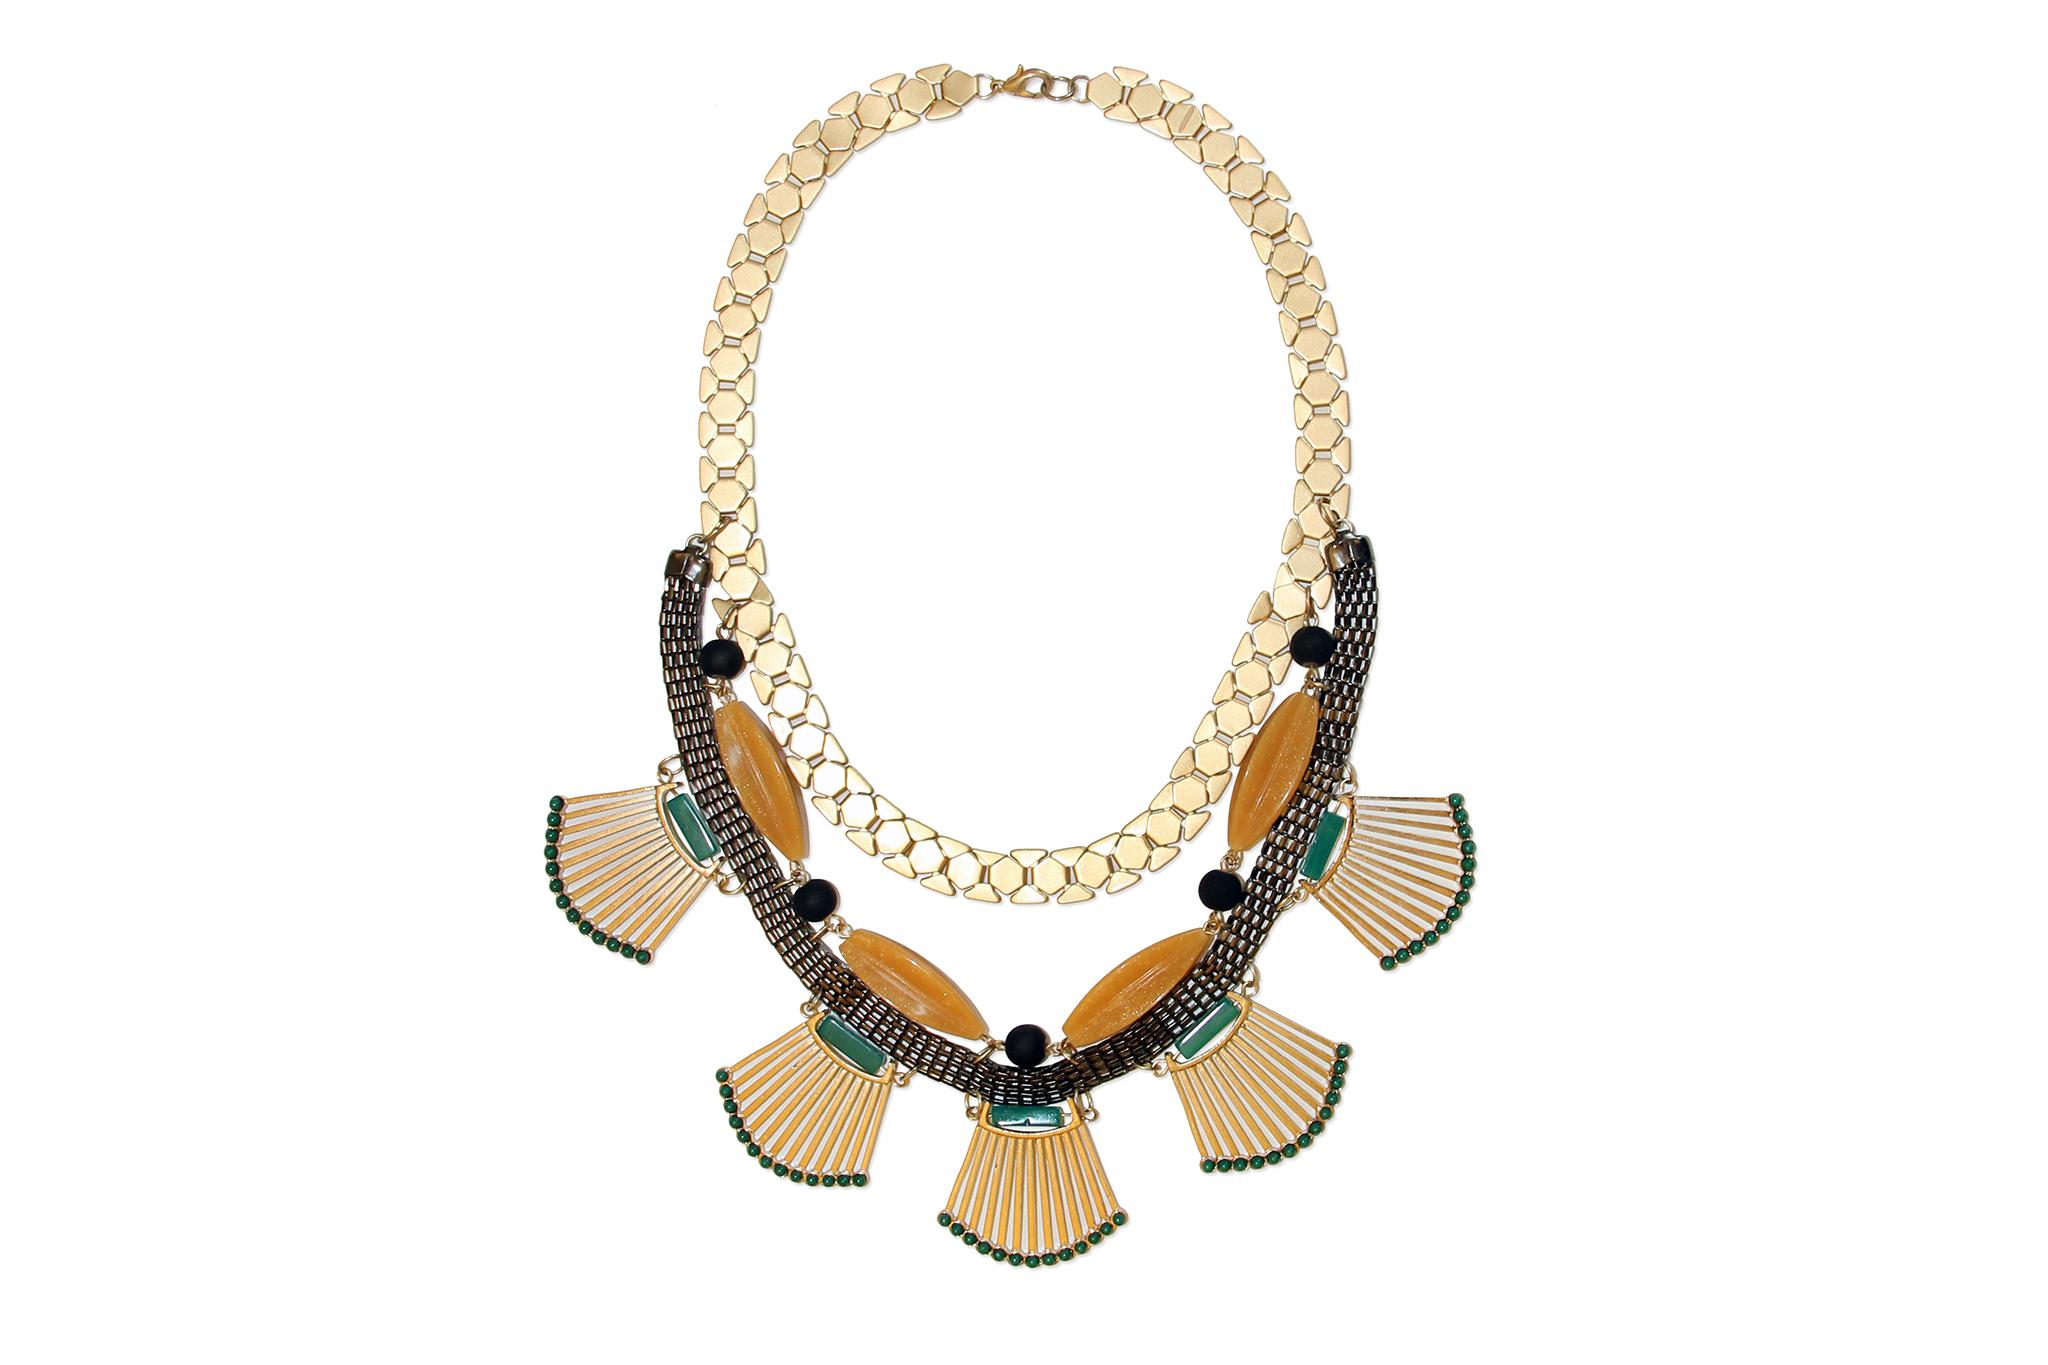 Best jewelry for fall 2013: Necklaces, earrings, bracelets ...